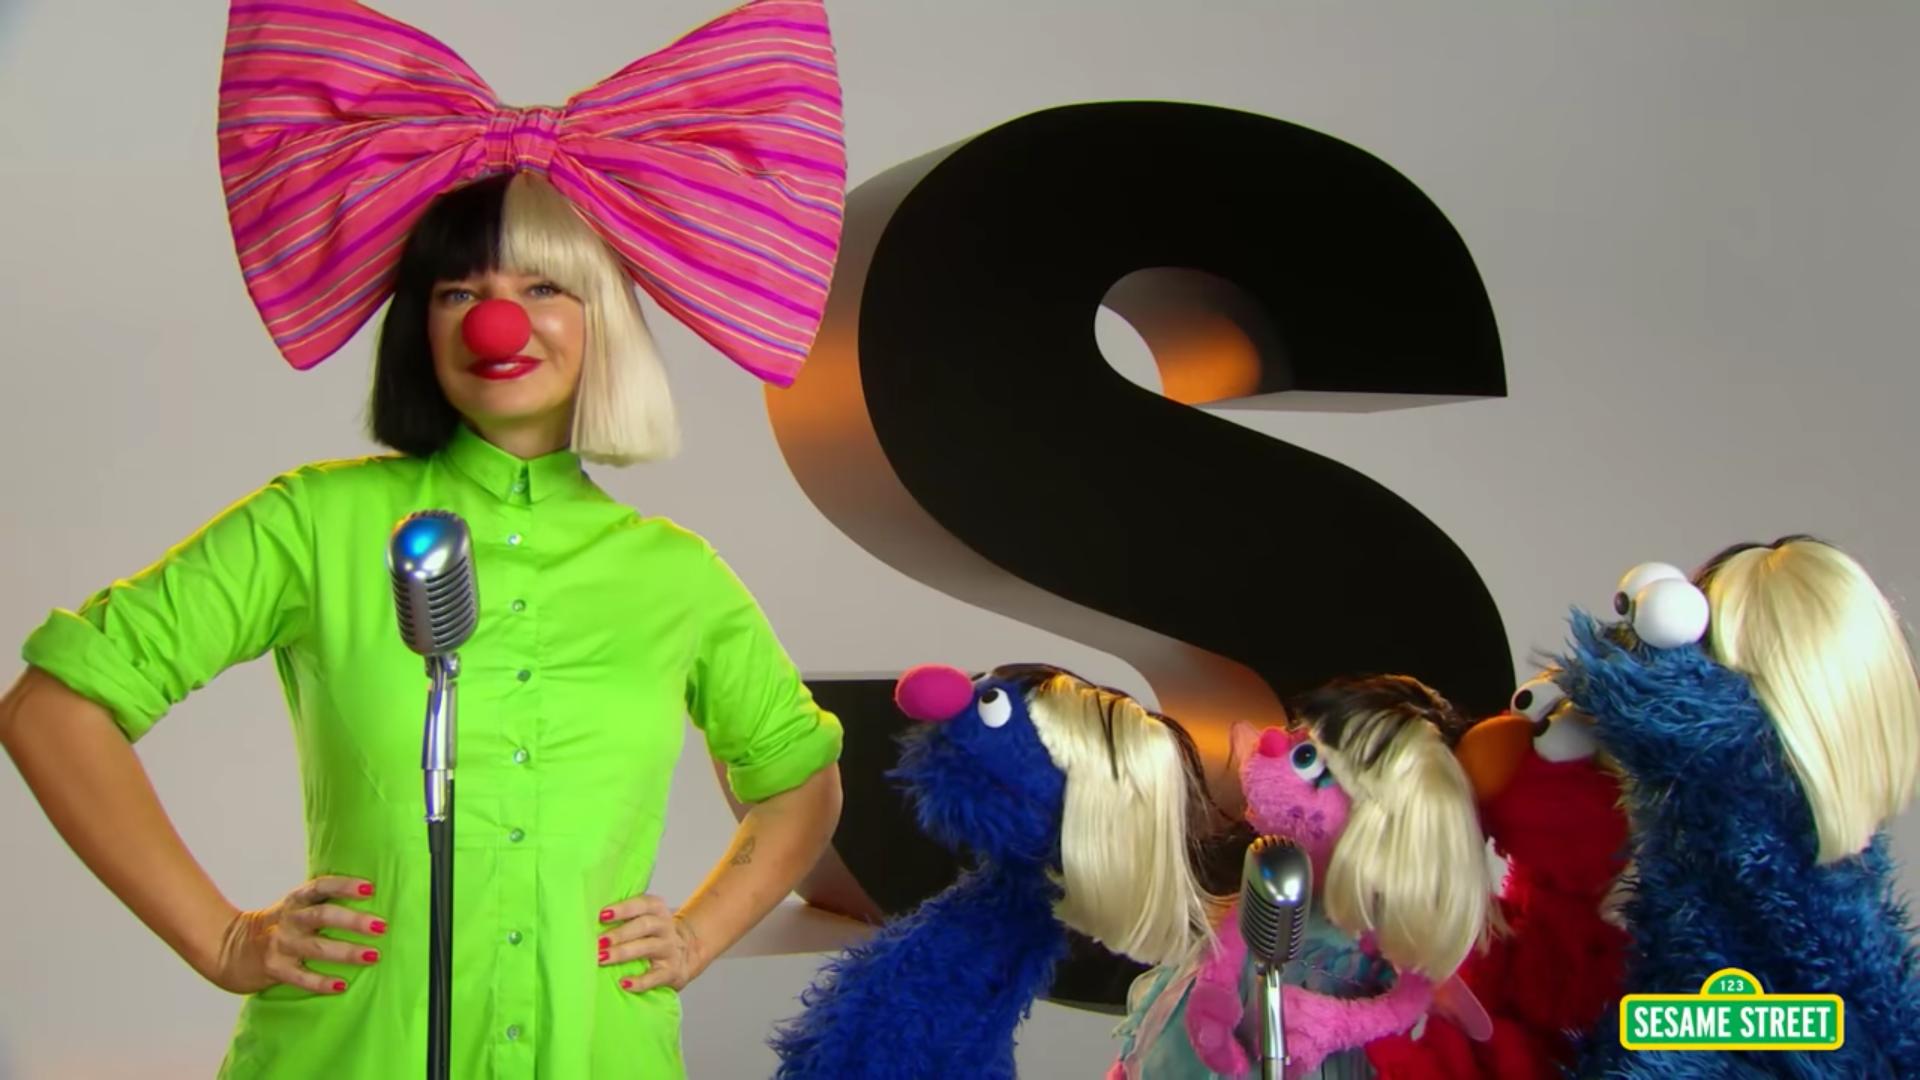 Sia le puso pelucas a Elmo y sus amigos